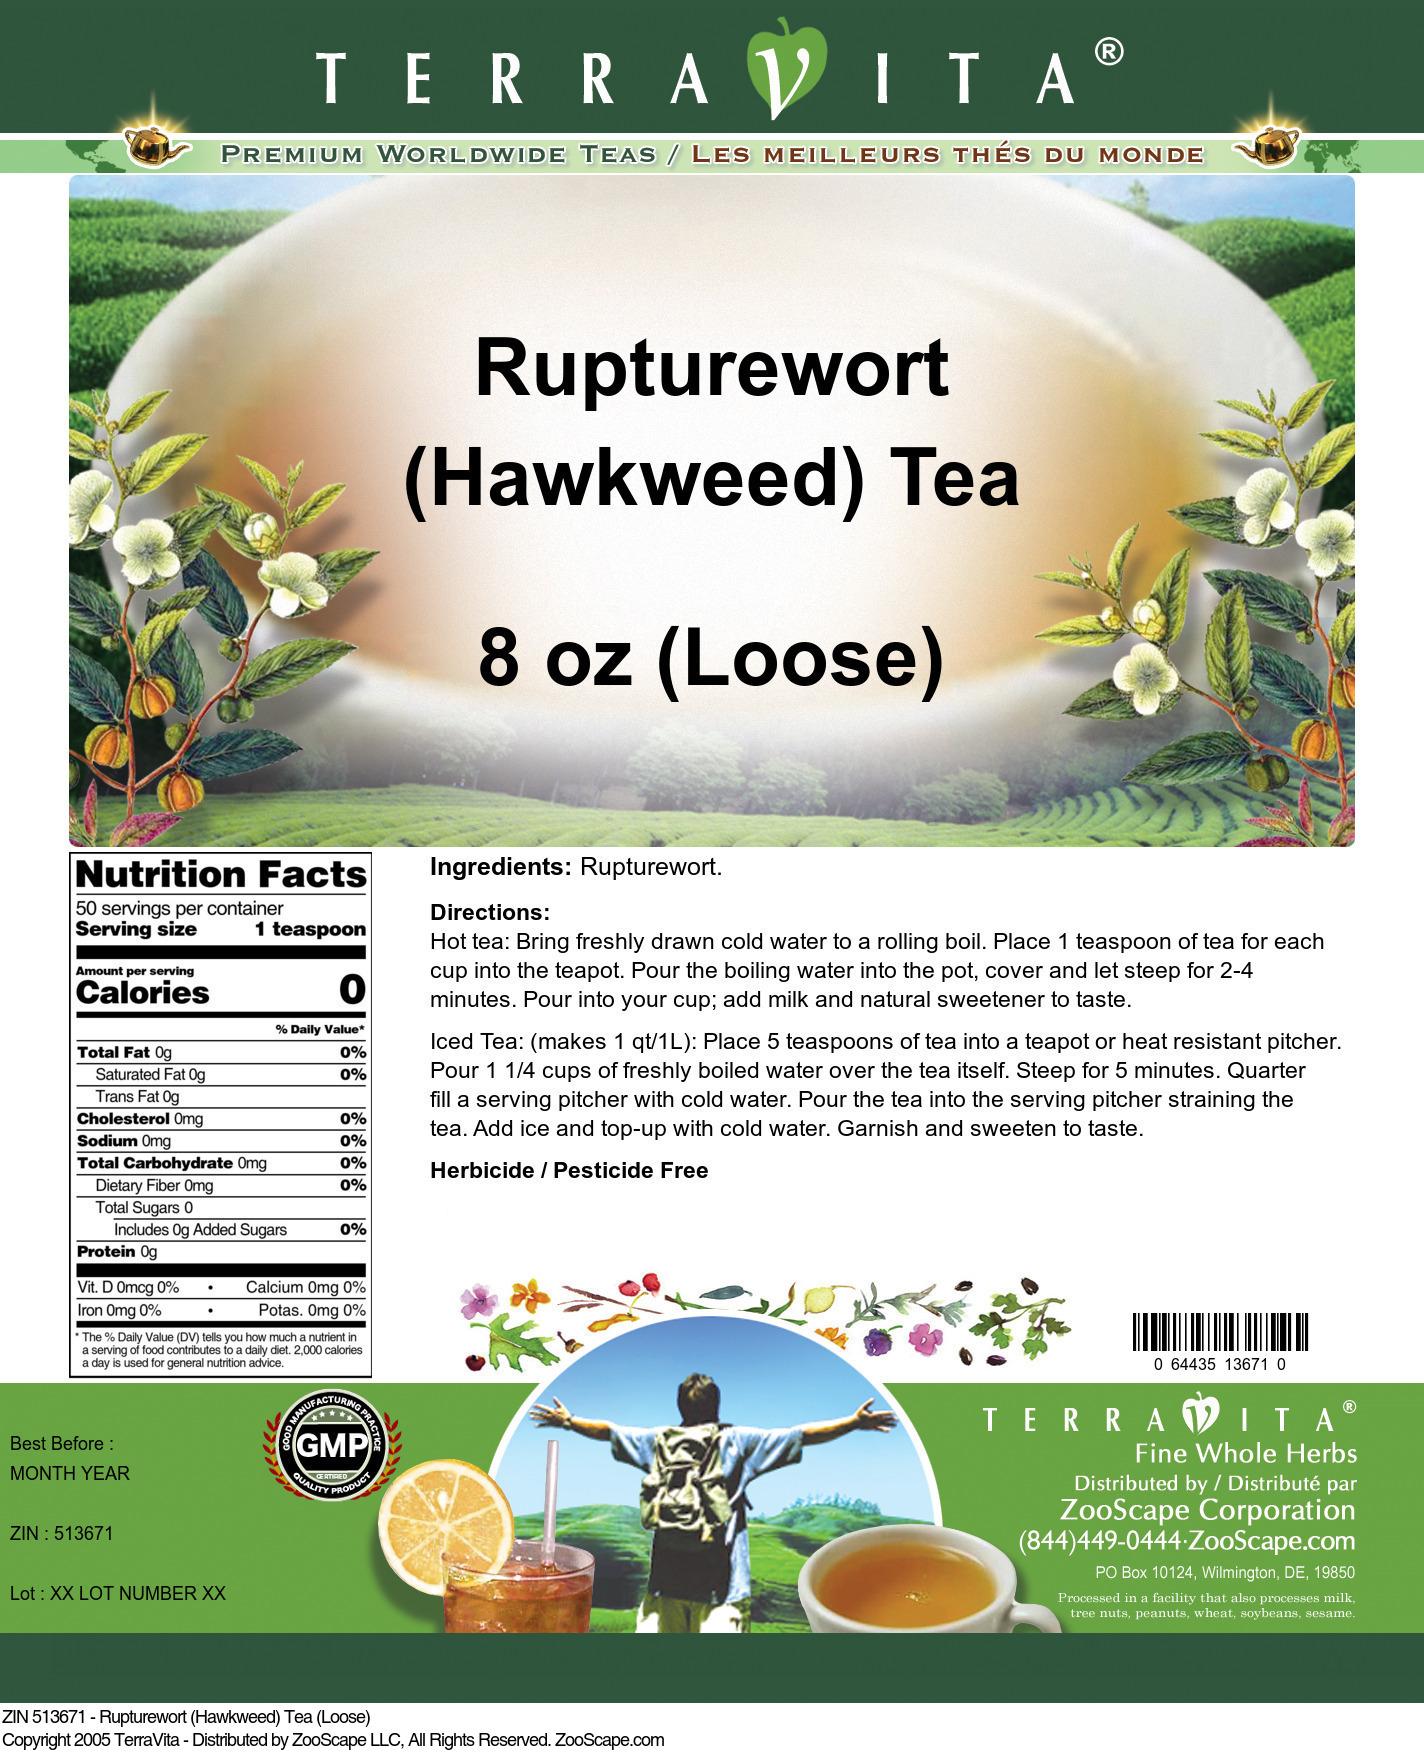 Rupturewort (Hawkweed) Tea (Loose)